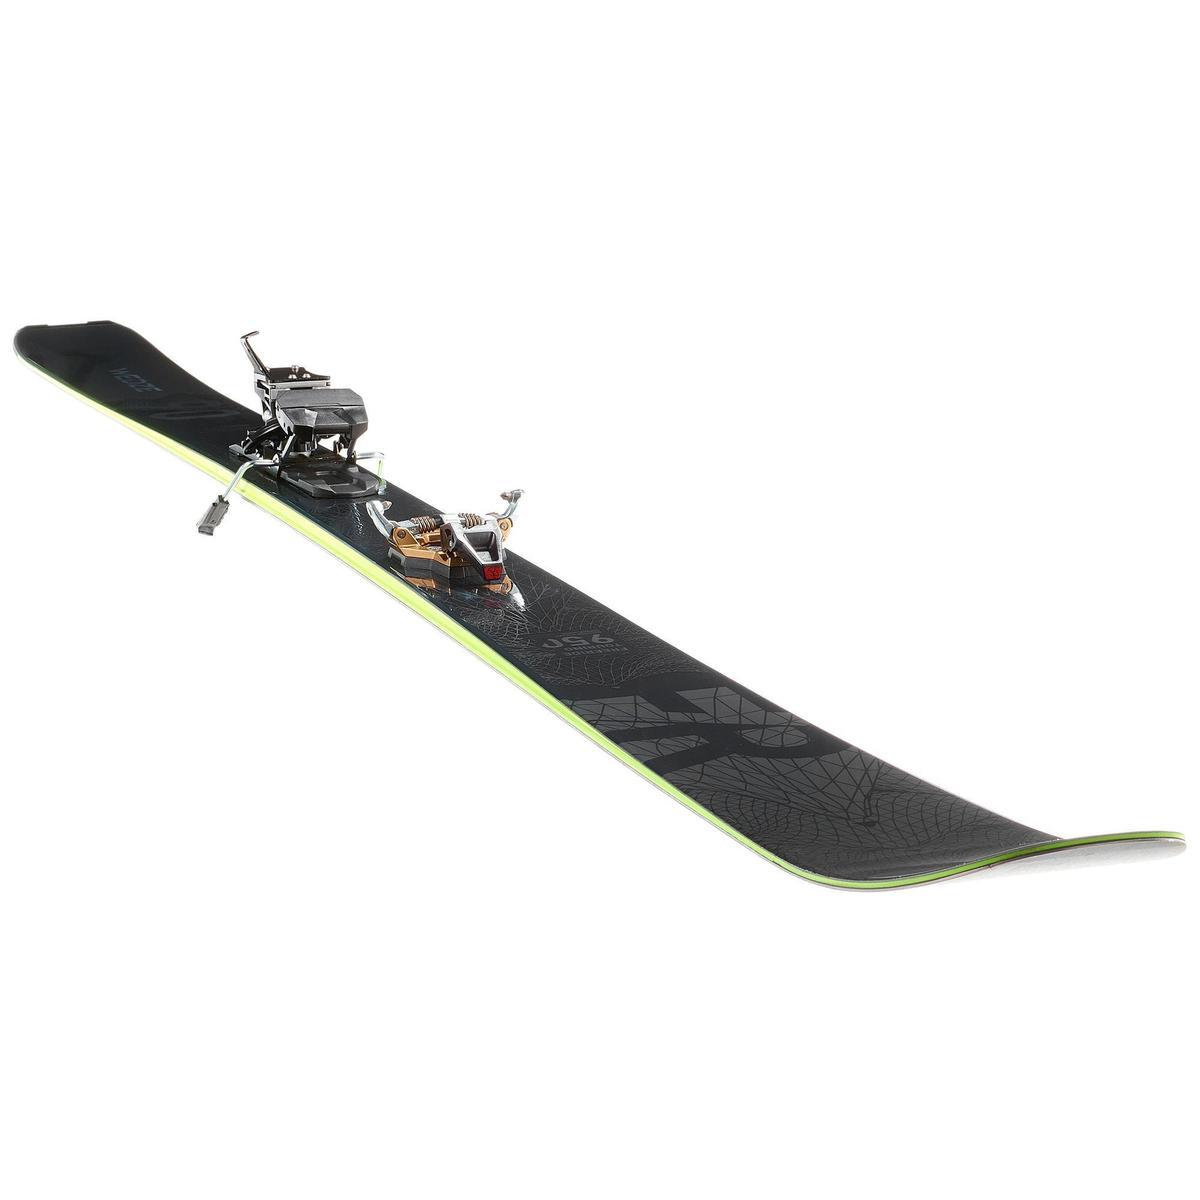 Bild 4 von Ski Freeride FR 950 schwarz